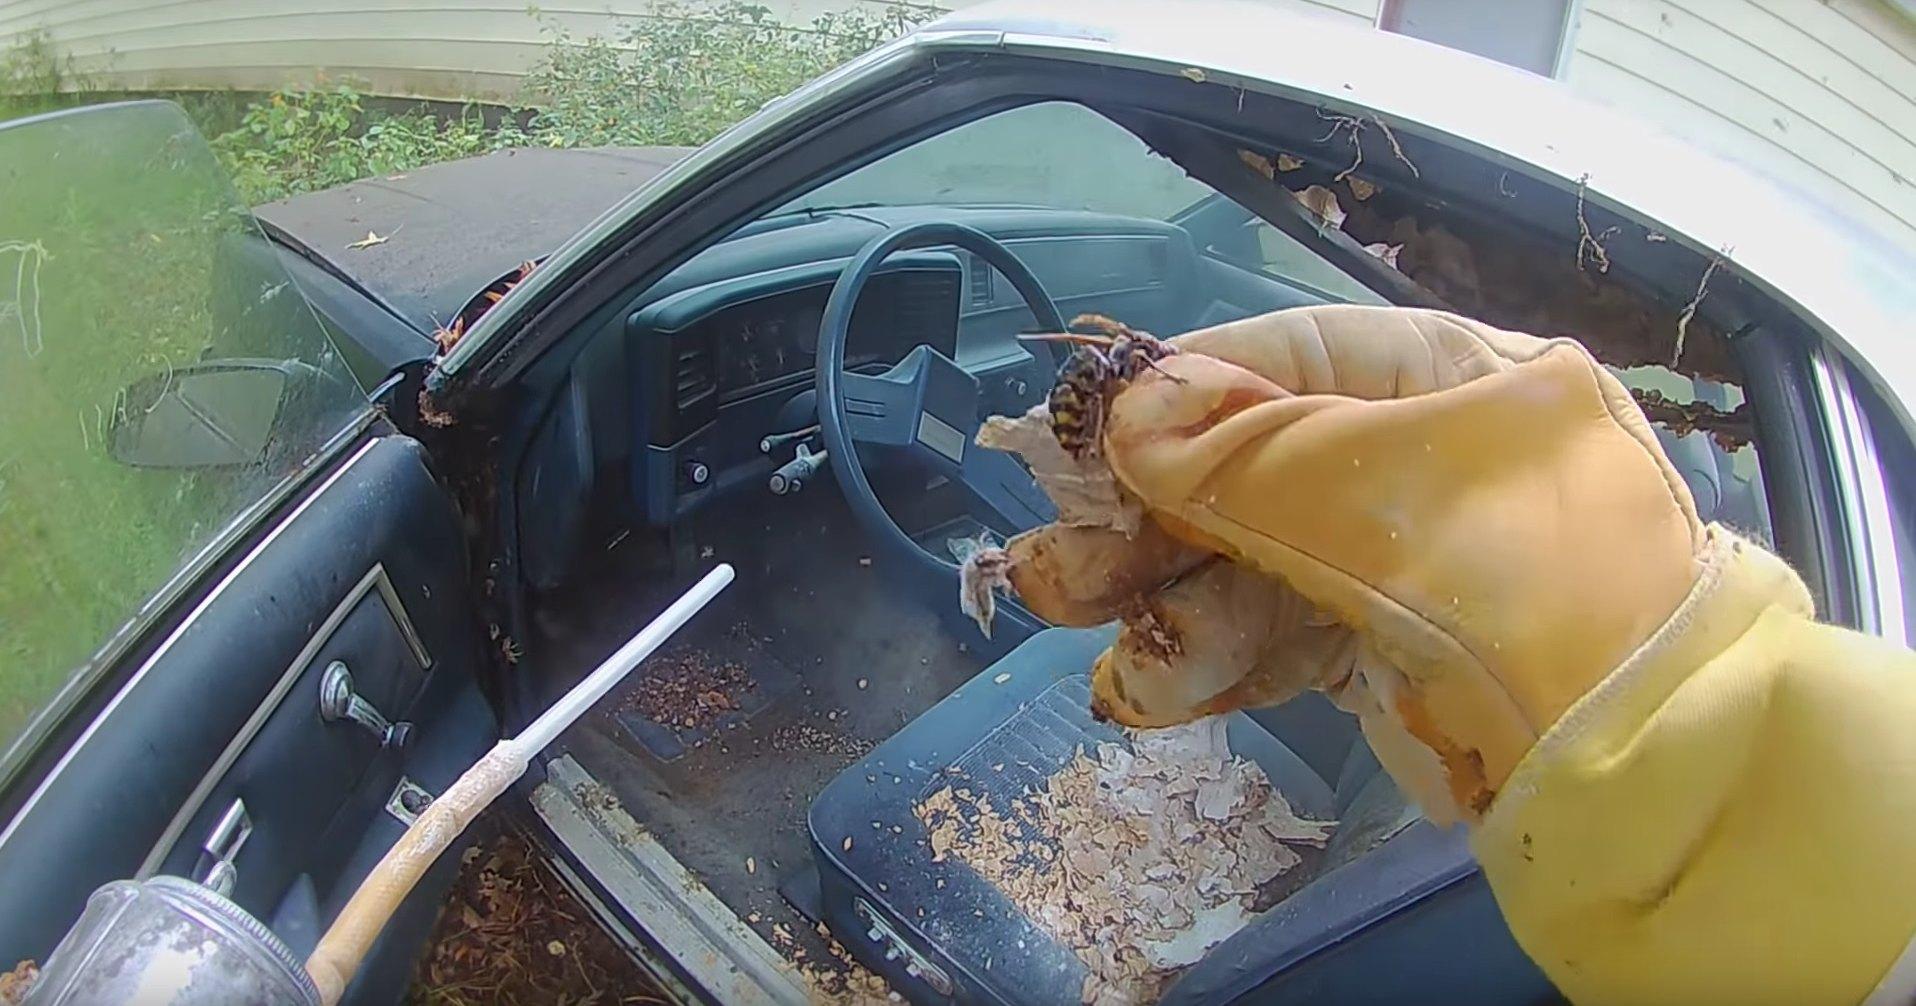 Шершни сделали гнездо из старого автомобиля